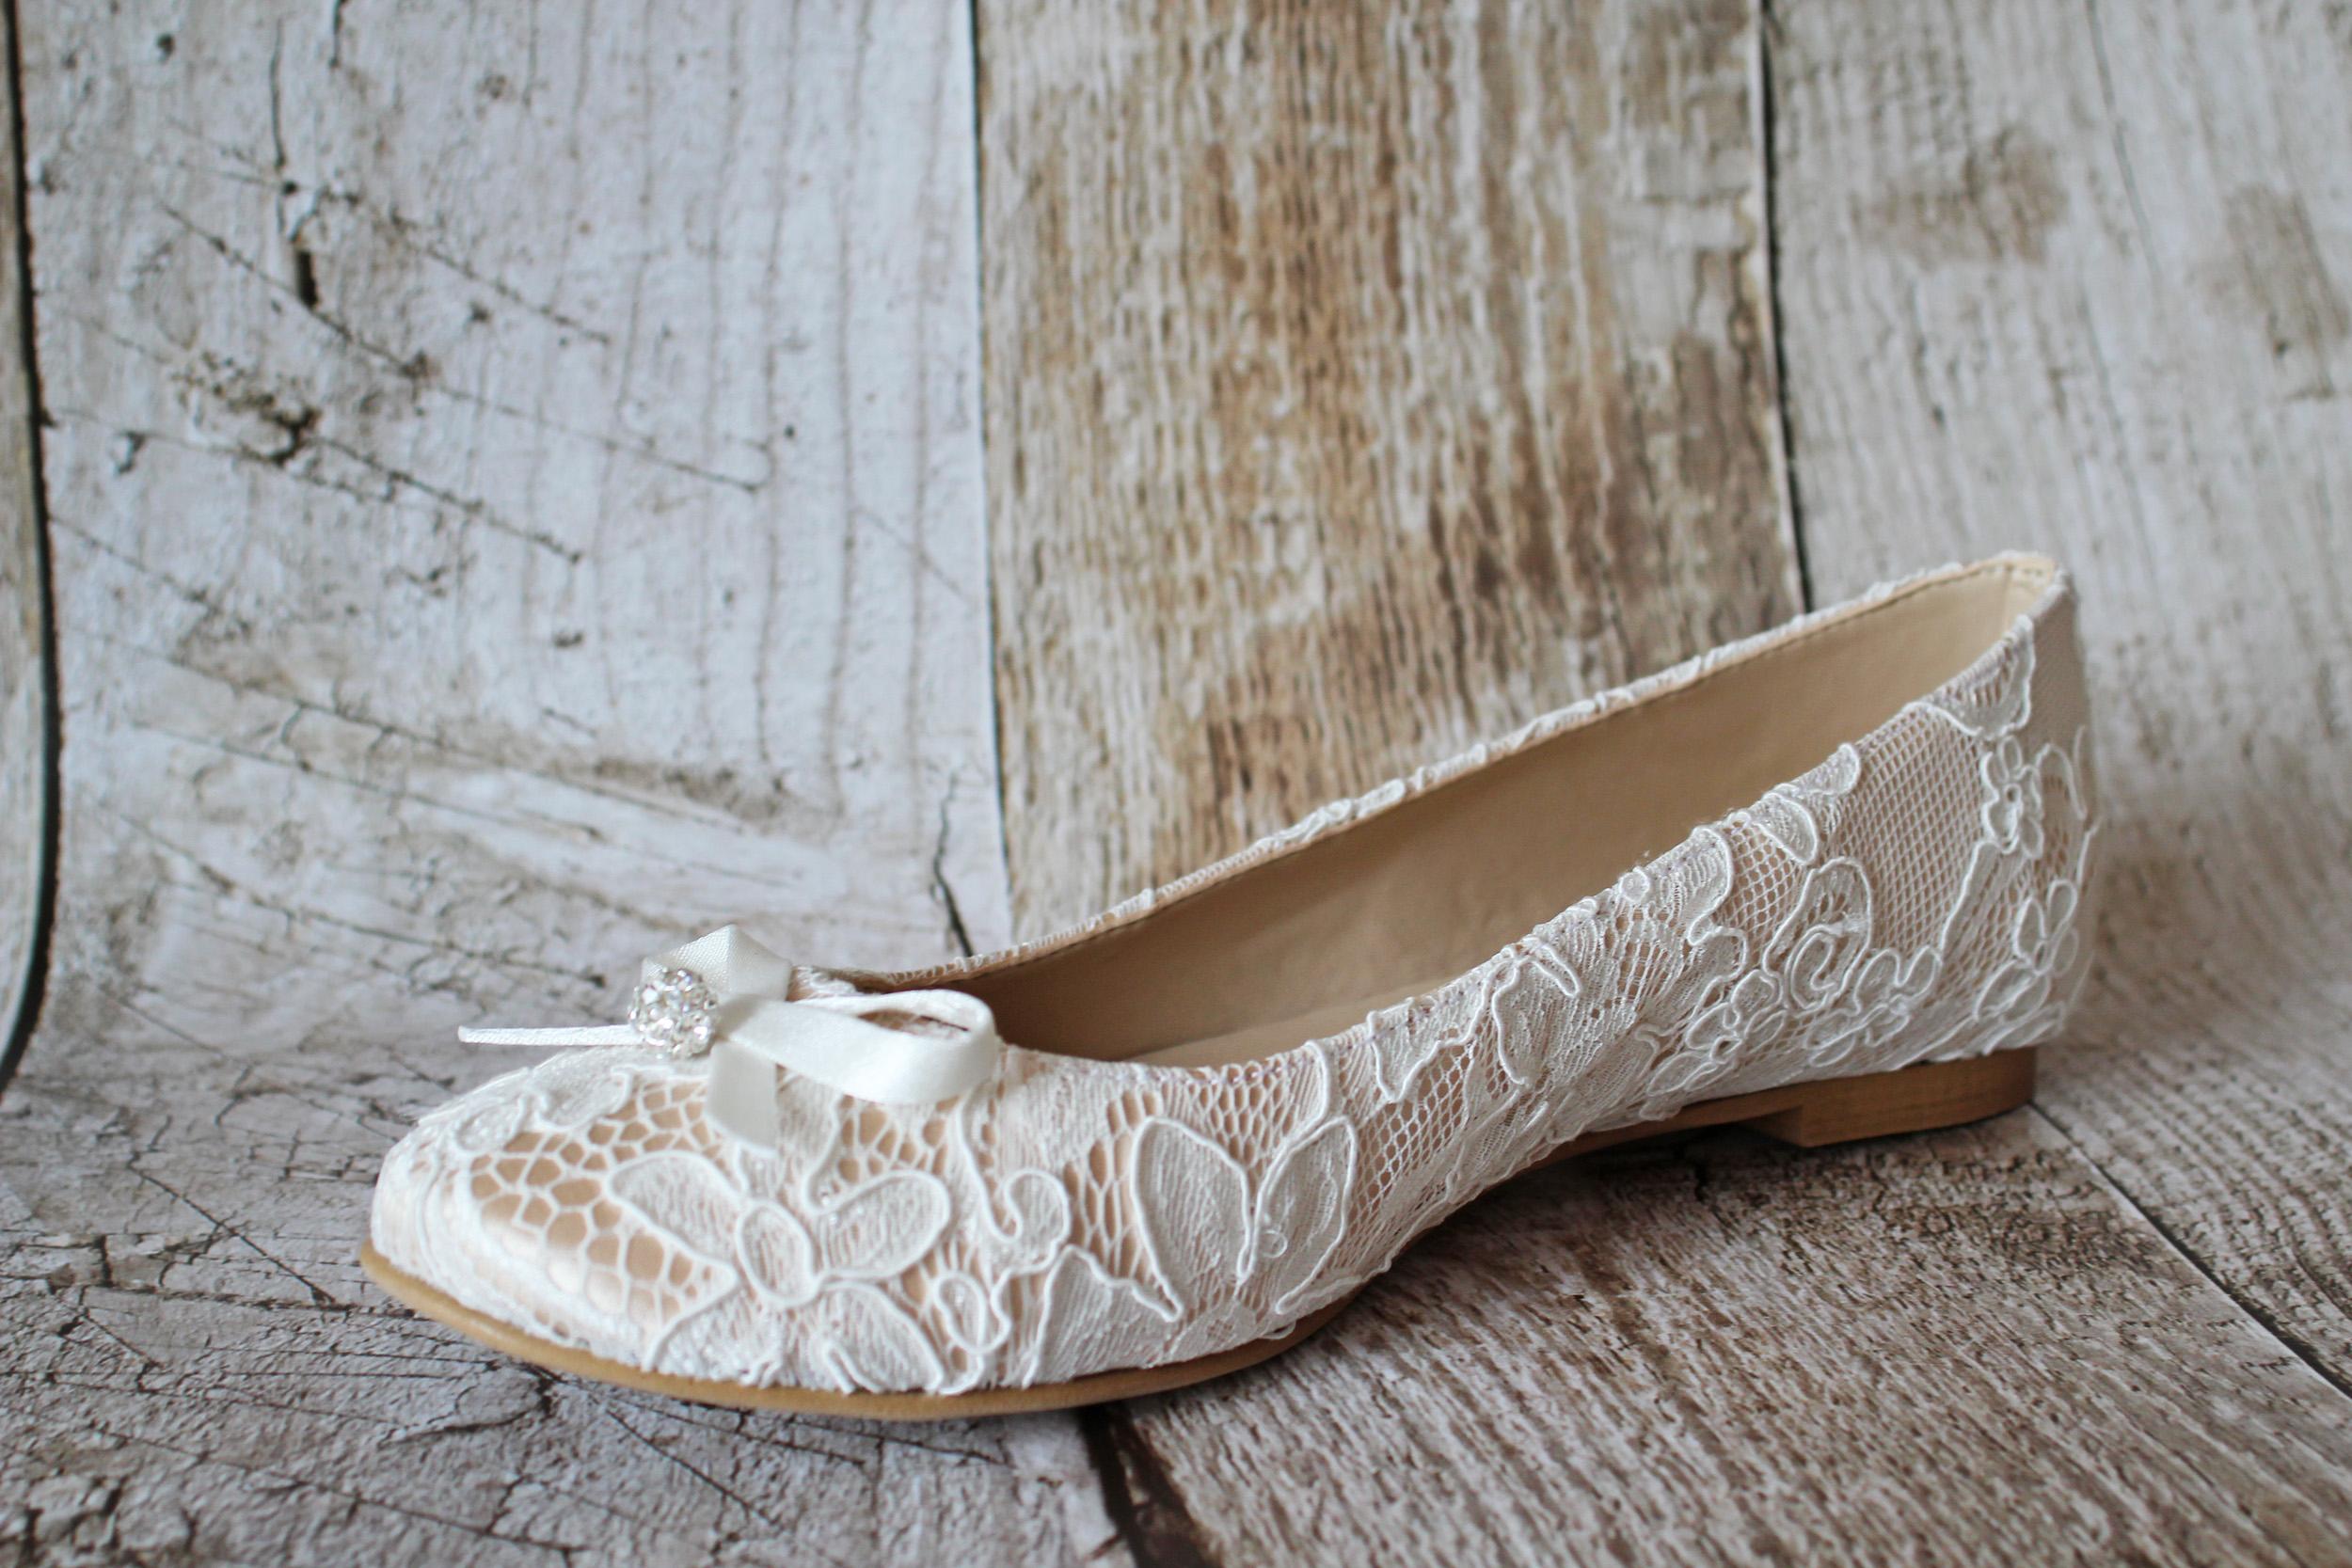 9d0288ca054e31 Flache Brautschuhe Ballerinas Spitze creme beige - Kleiderfreuden